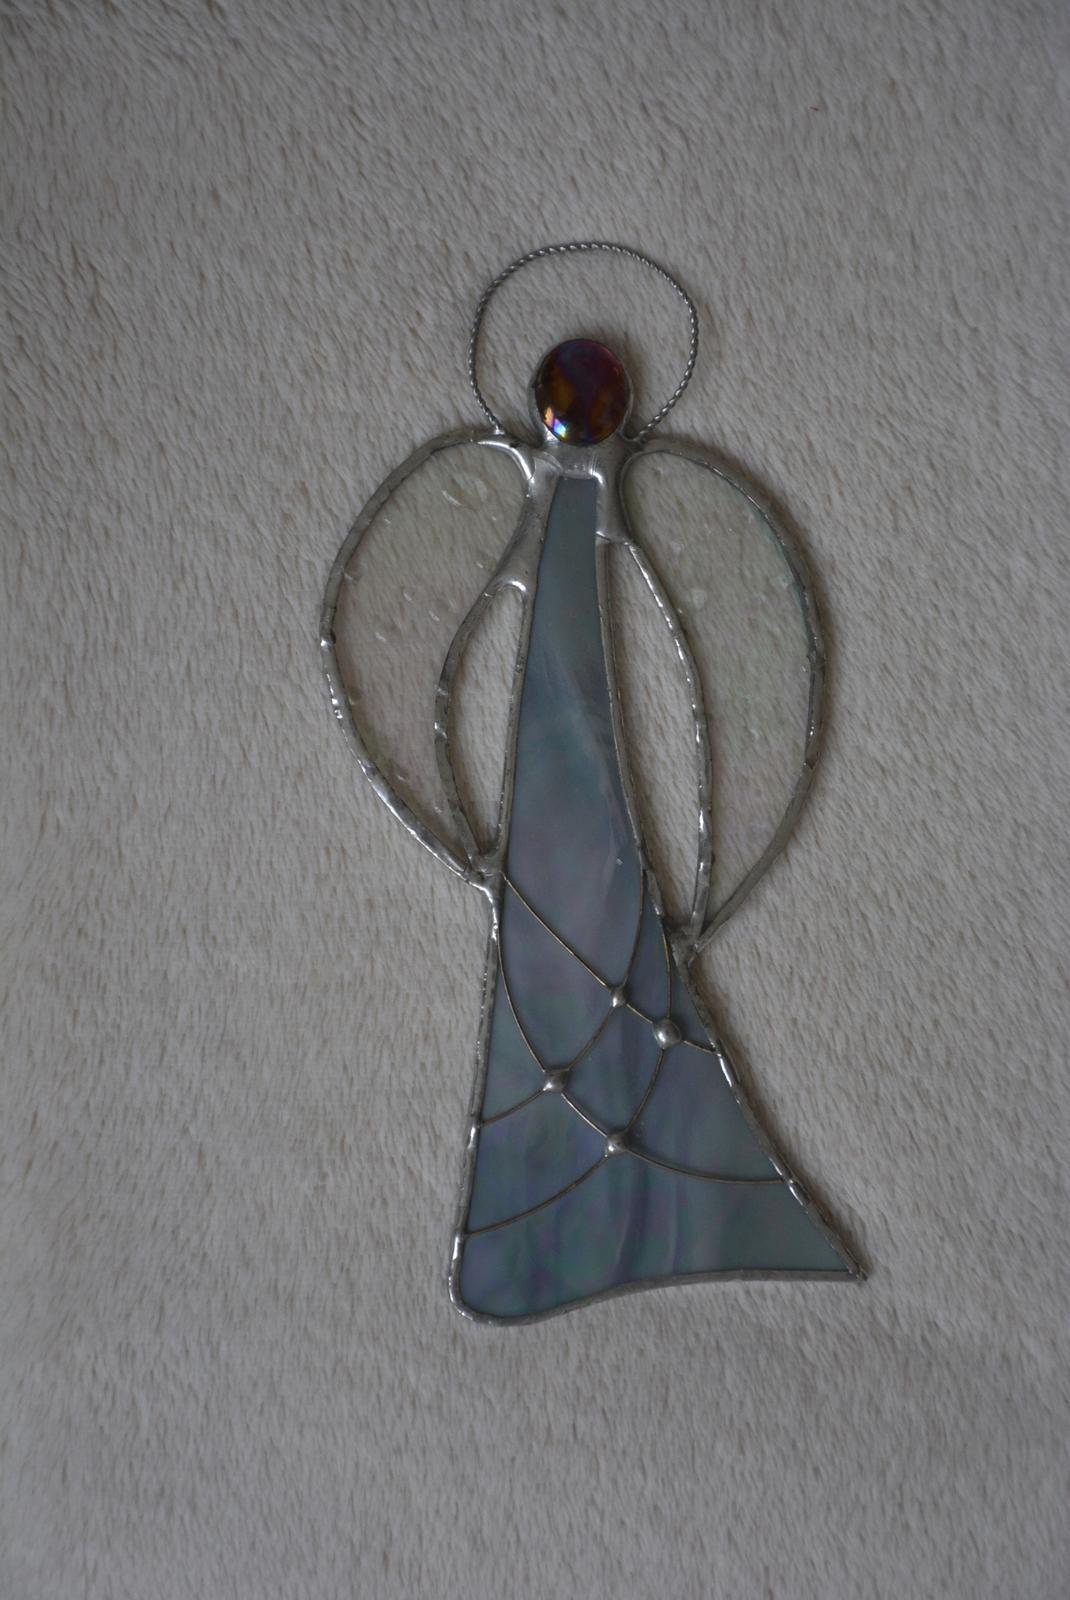 Anděl - Tiffany technika - Obrázek č. 1